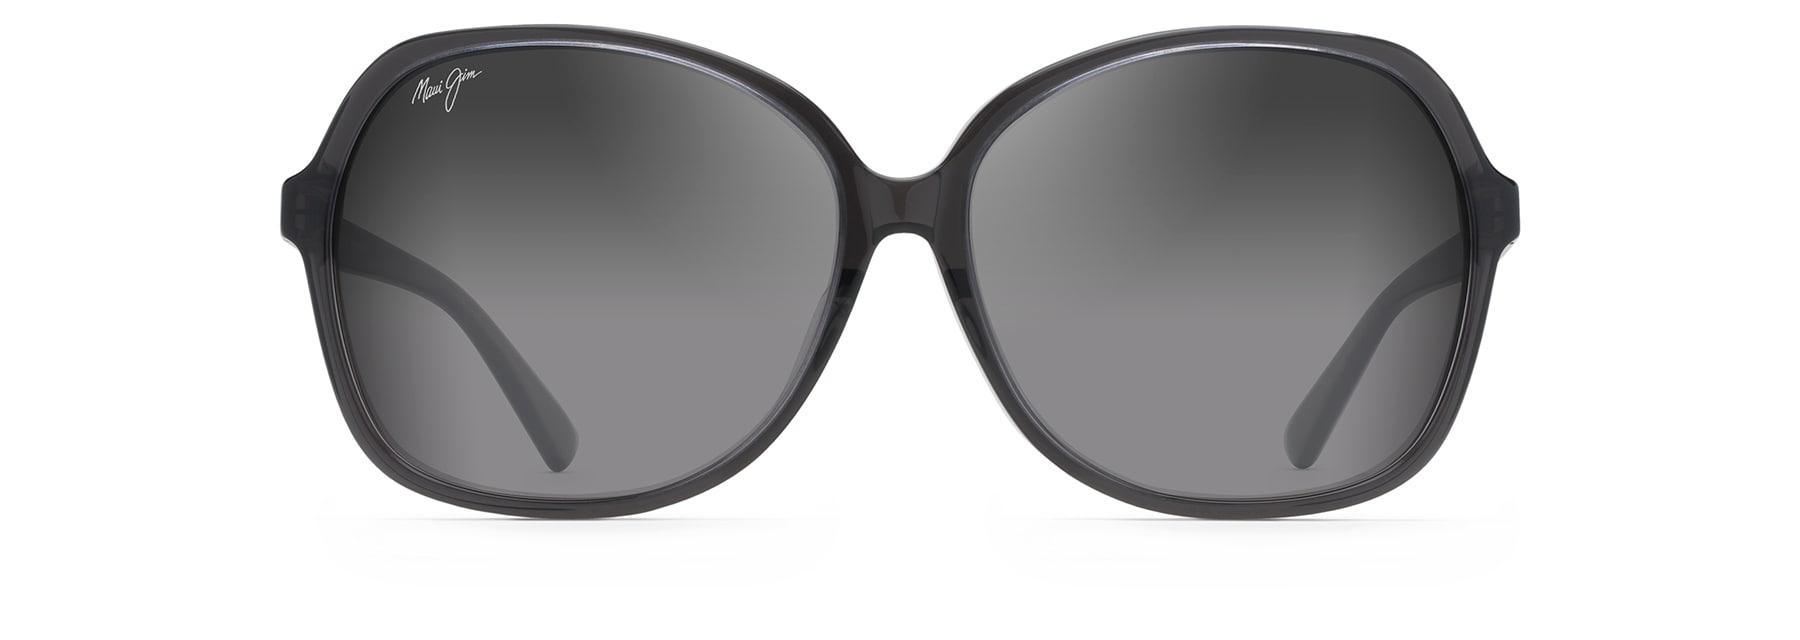 Modisch Cateye Sonnenbrille Katzenaugen Vintage transparente Gläser Verspiegelt